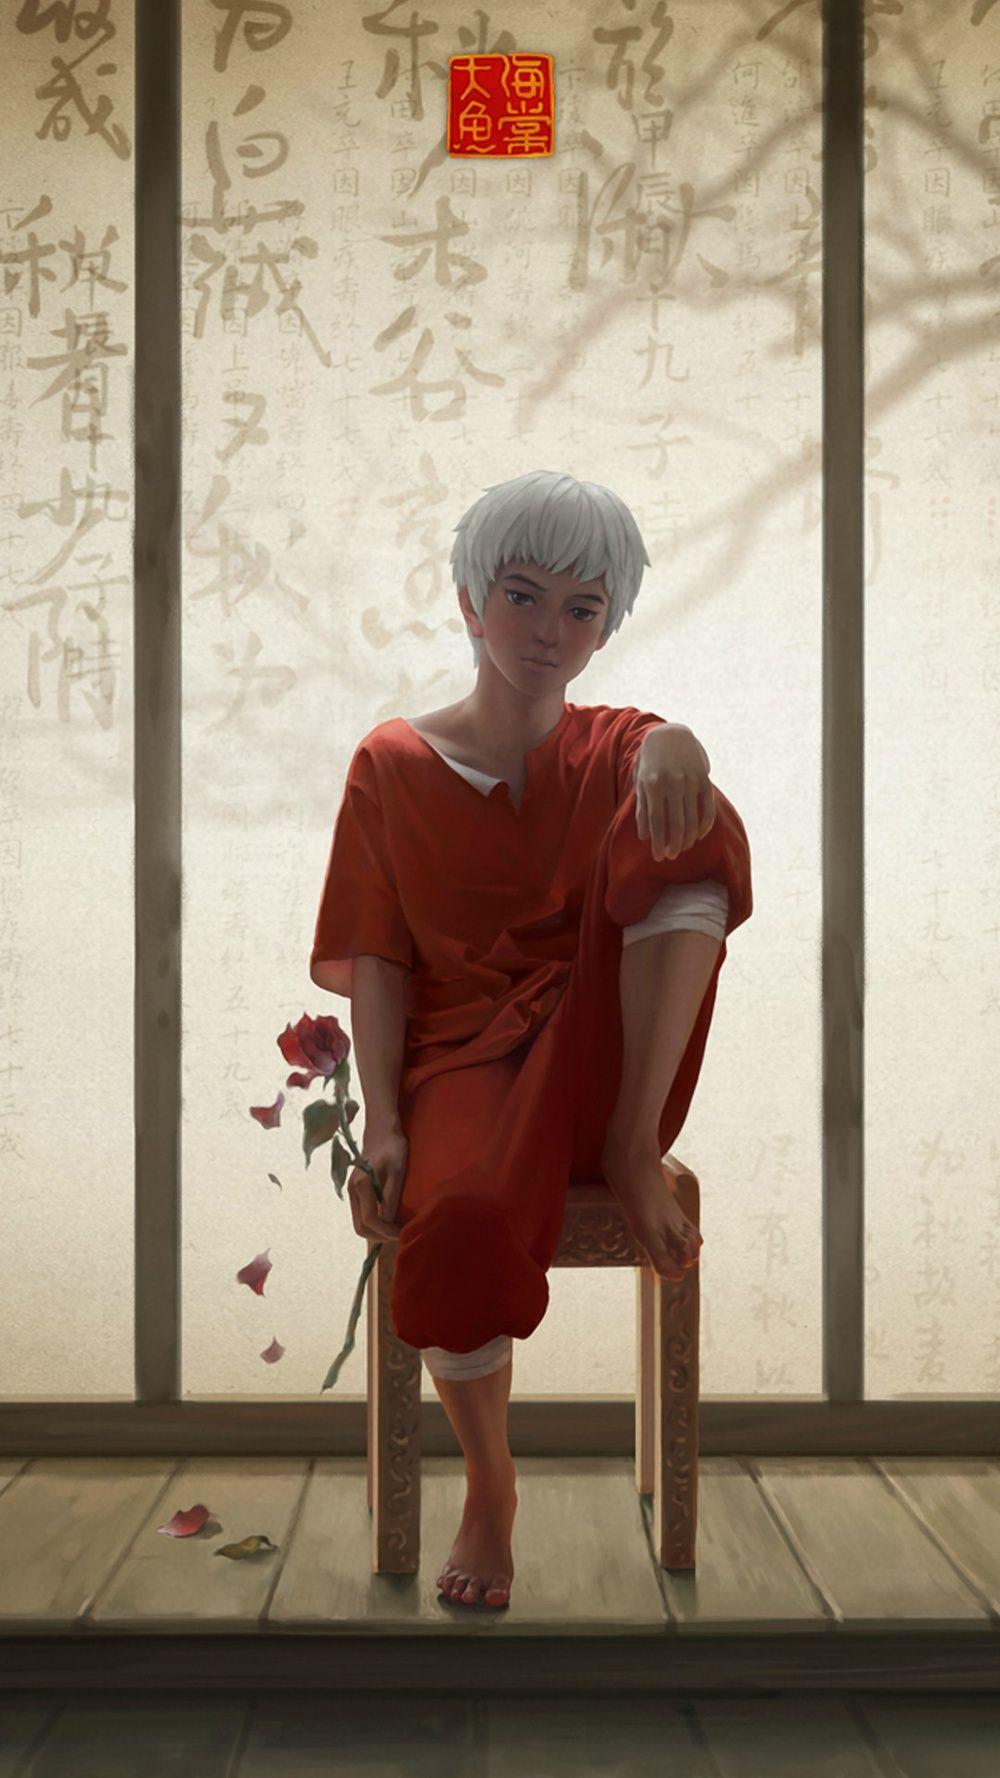 大鱼海棠无水印手机桌面 Desenhos de anime, Anime e Como desenhar anime